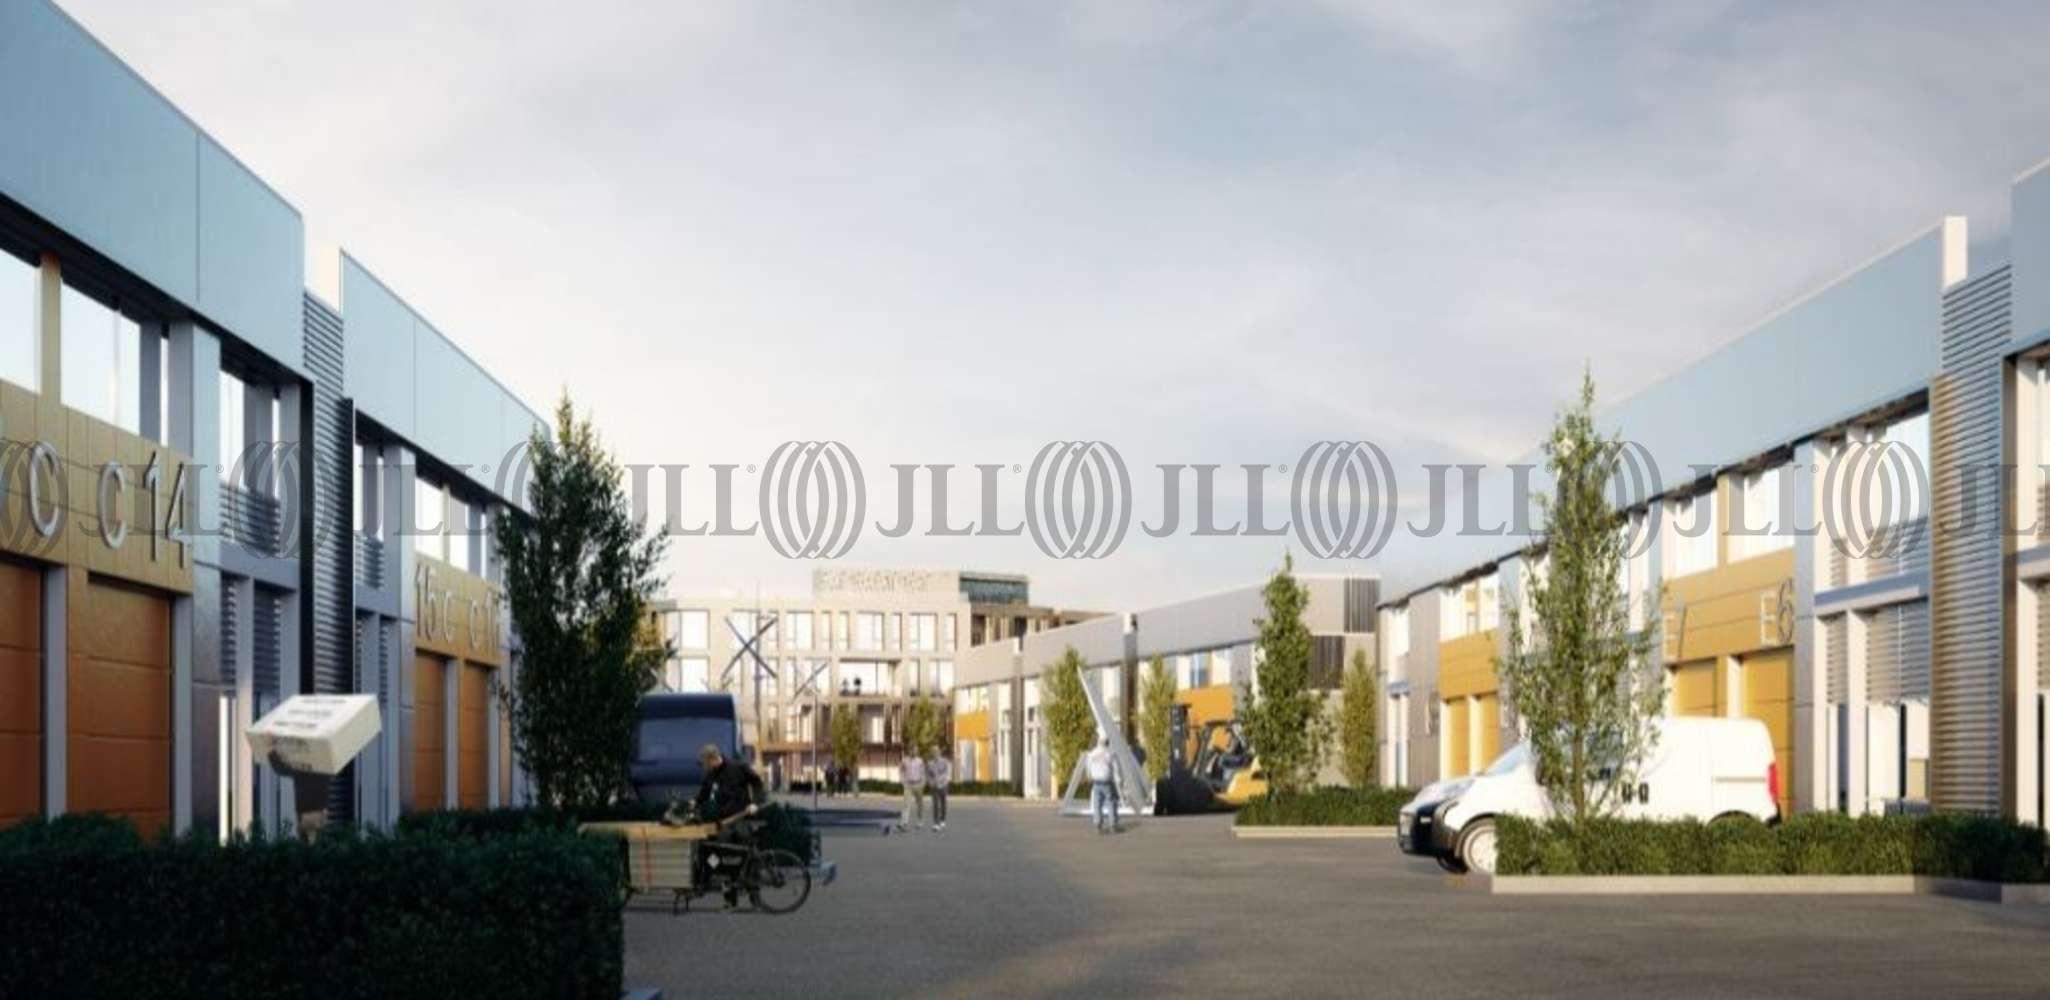 Activités/entrepôt Poissy, 78300 - DYNAMIKUM - 10600588